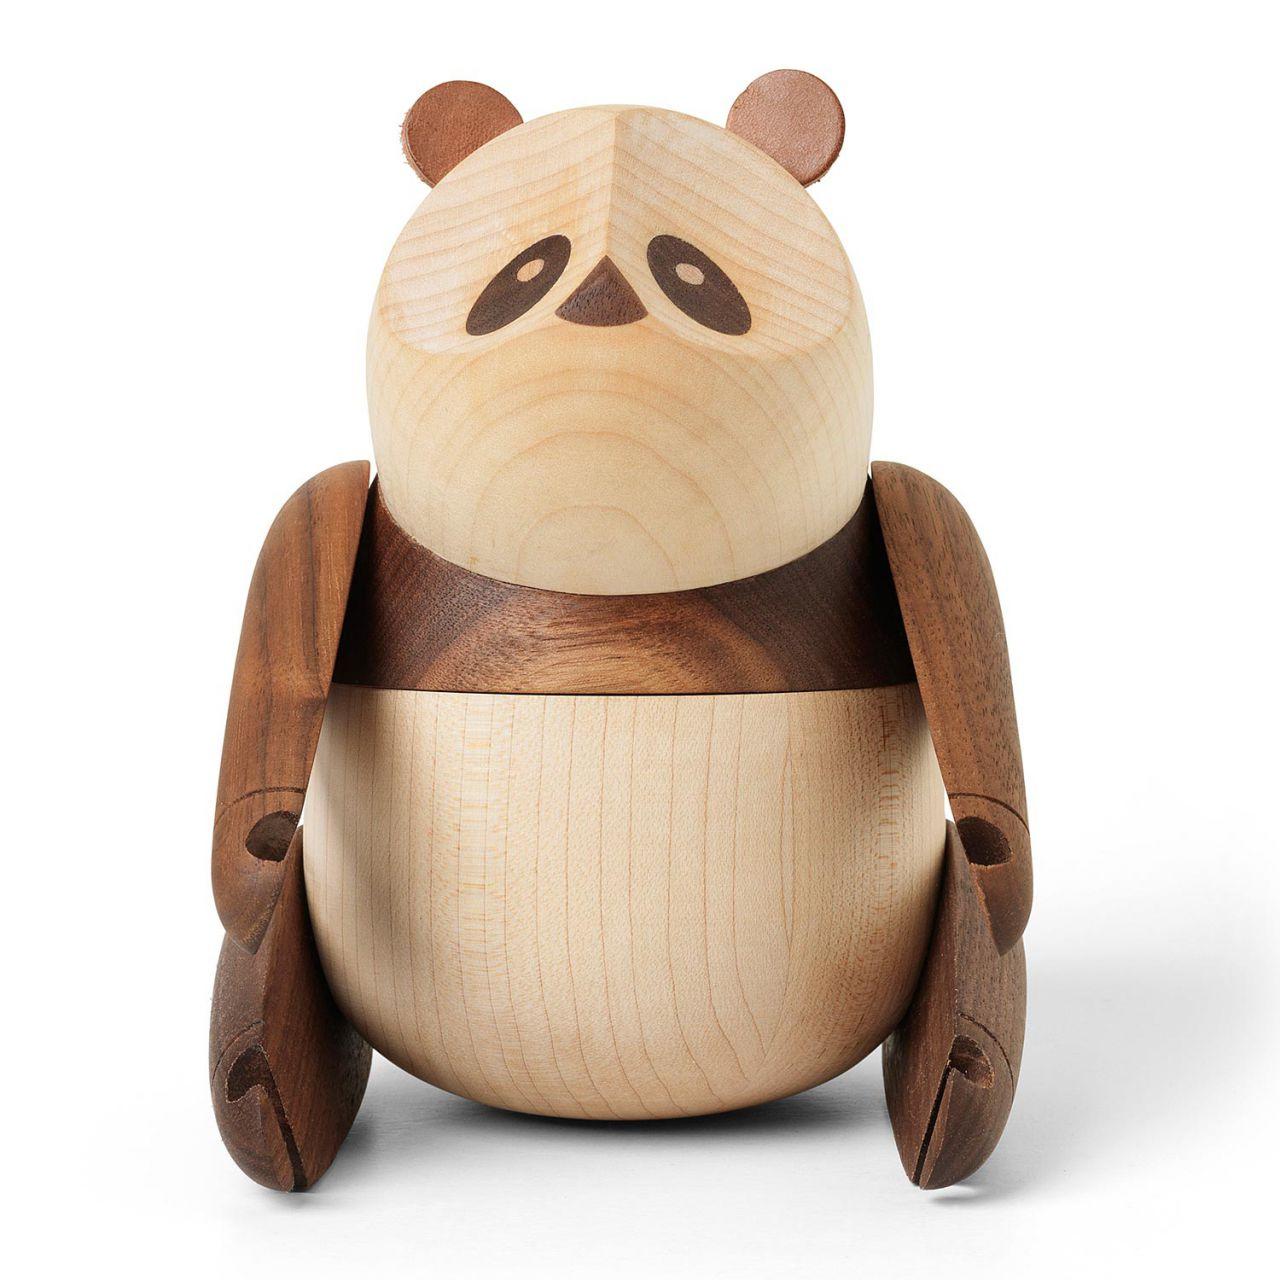 Architectmade - Panda Holzfigur AM-855